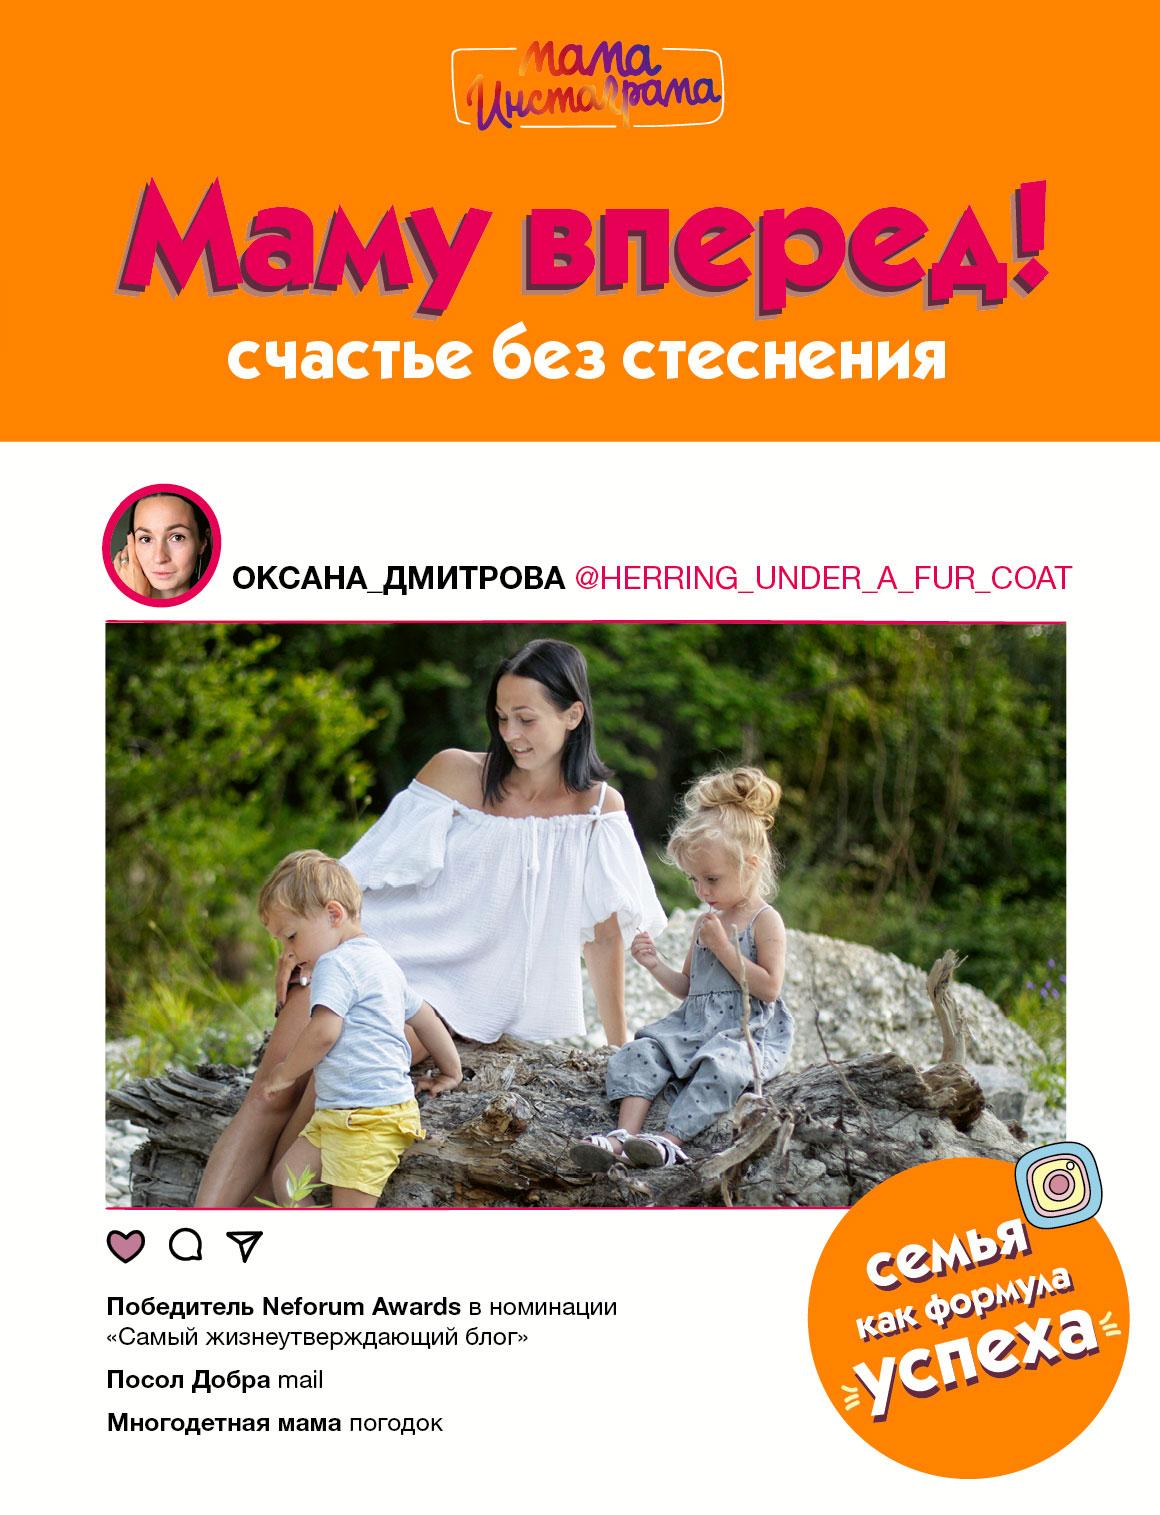 Маму вперед! ( Дмитрова Оксана Александровна  )